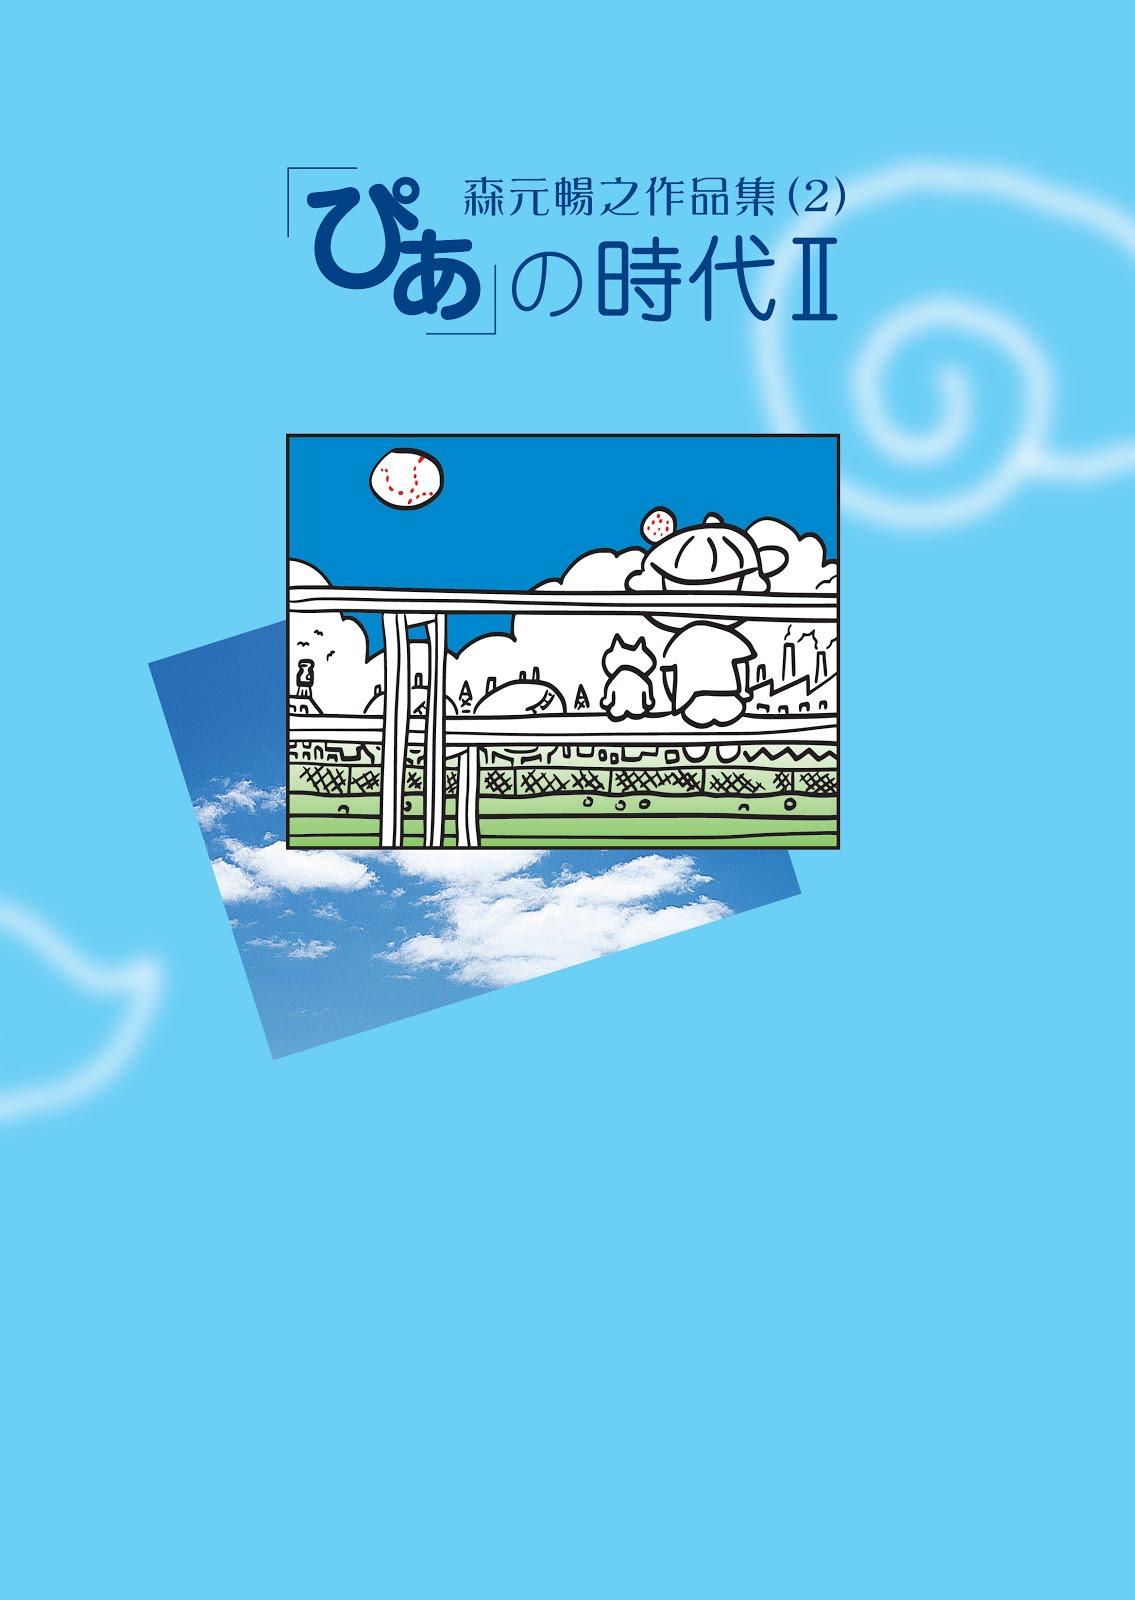 森元暢之作品集(2)「ぴあ」の時代 Ⅱ